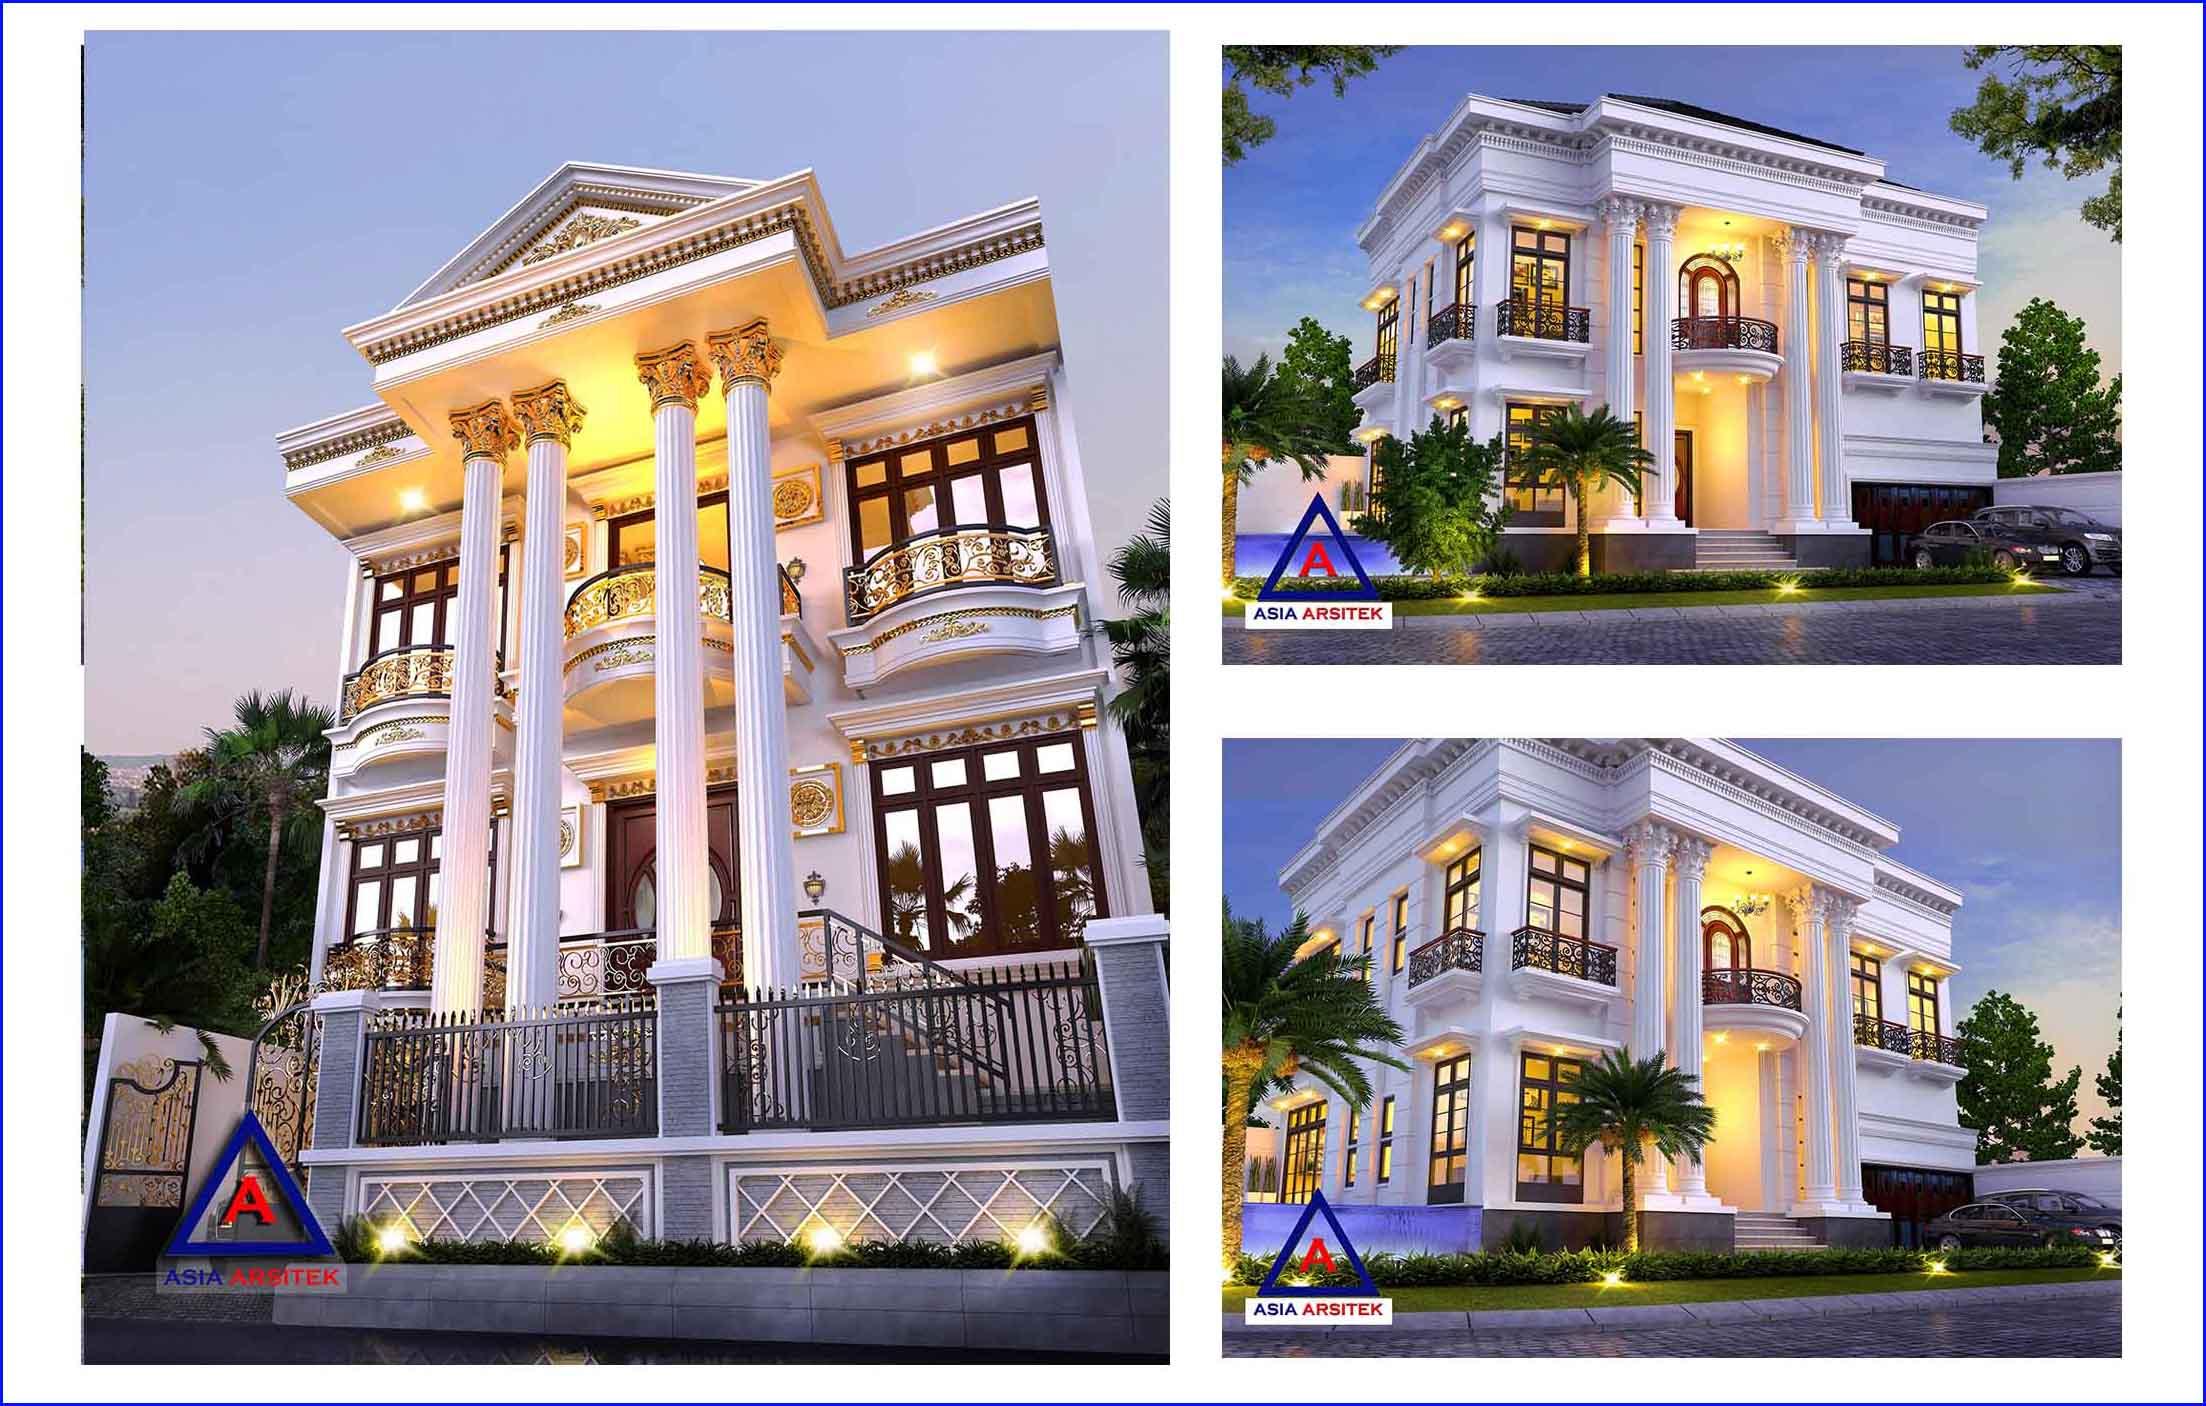 Jasa Desain Arsitek Rumah Minimalis Mewah Online Murah Di Jakarta    Asia Arsitek